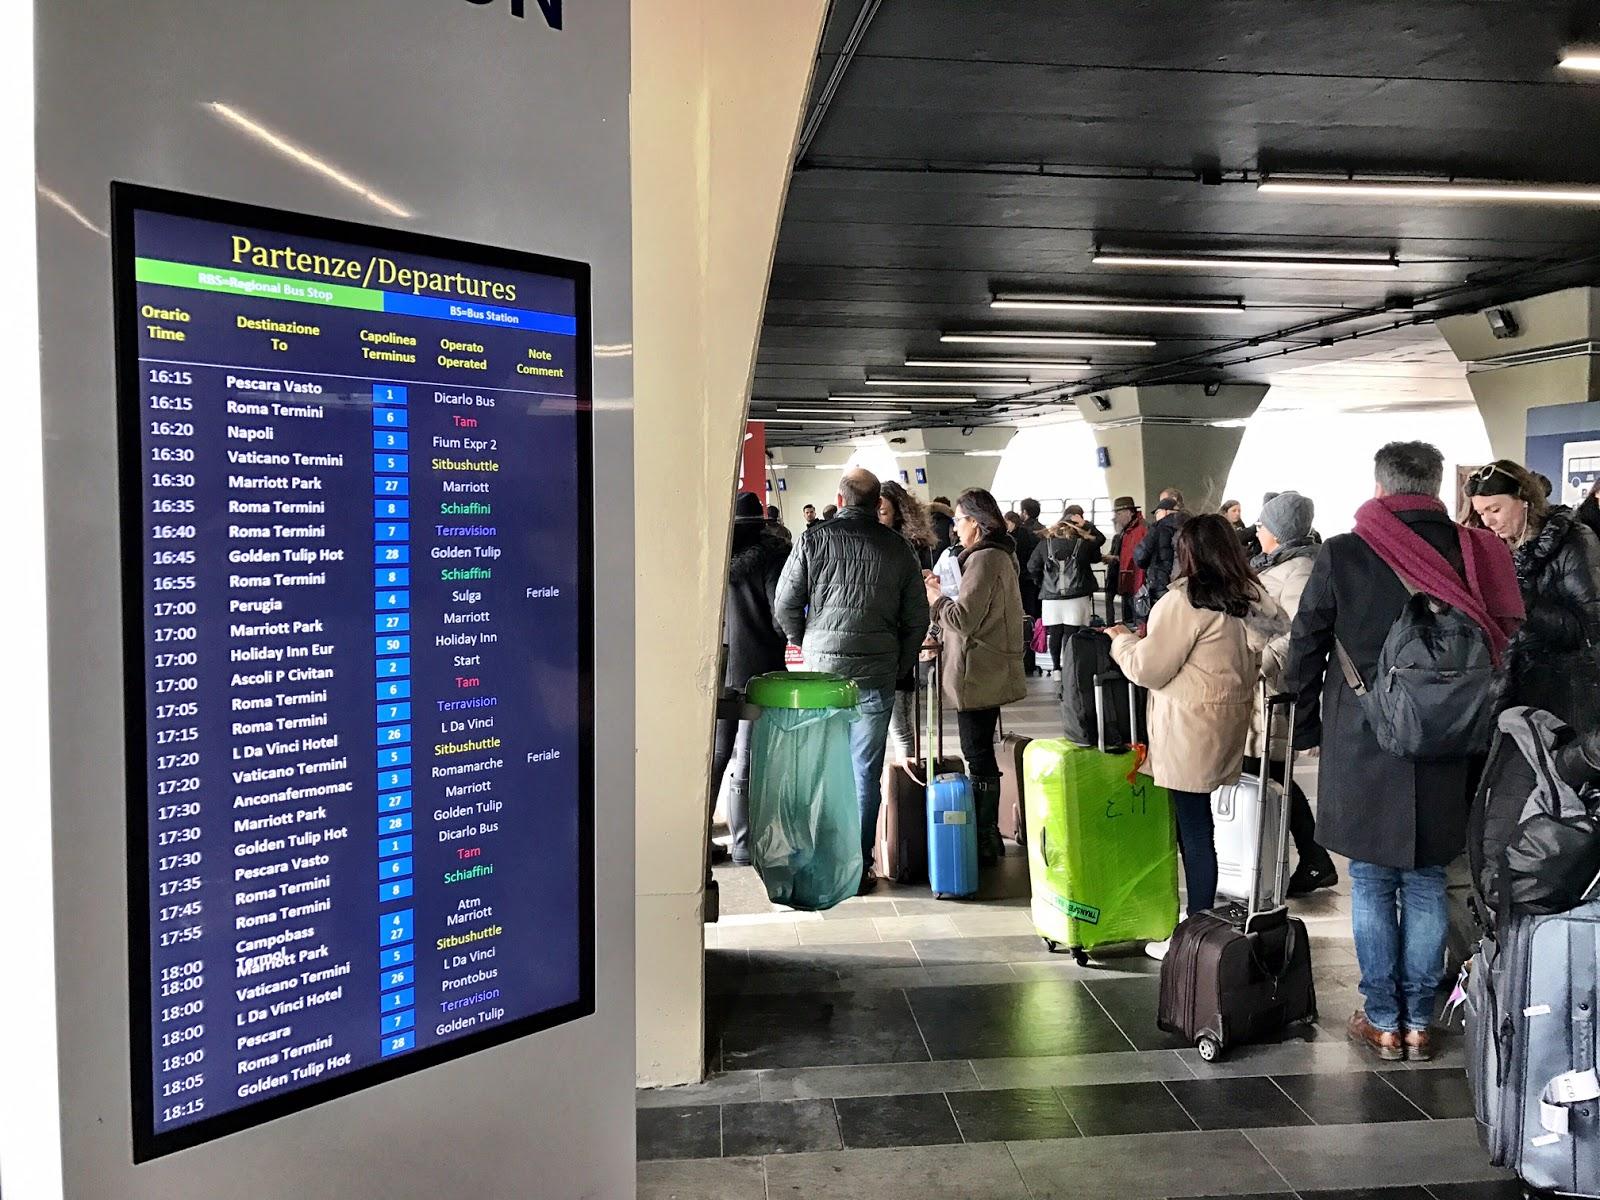 ROMA FA SCHIFO: La follia di andare in aeroporto in ...